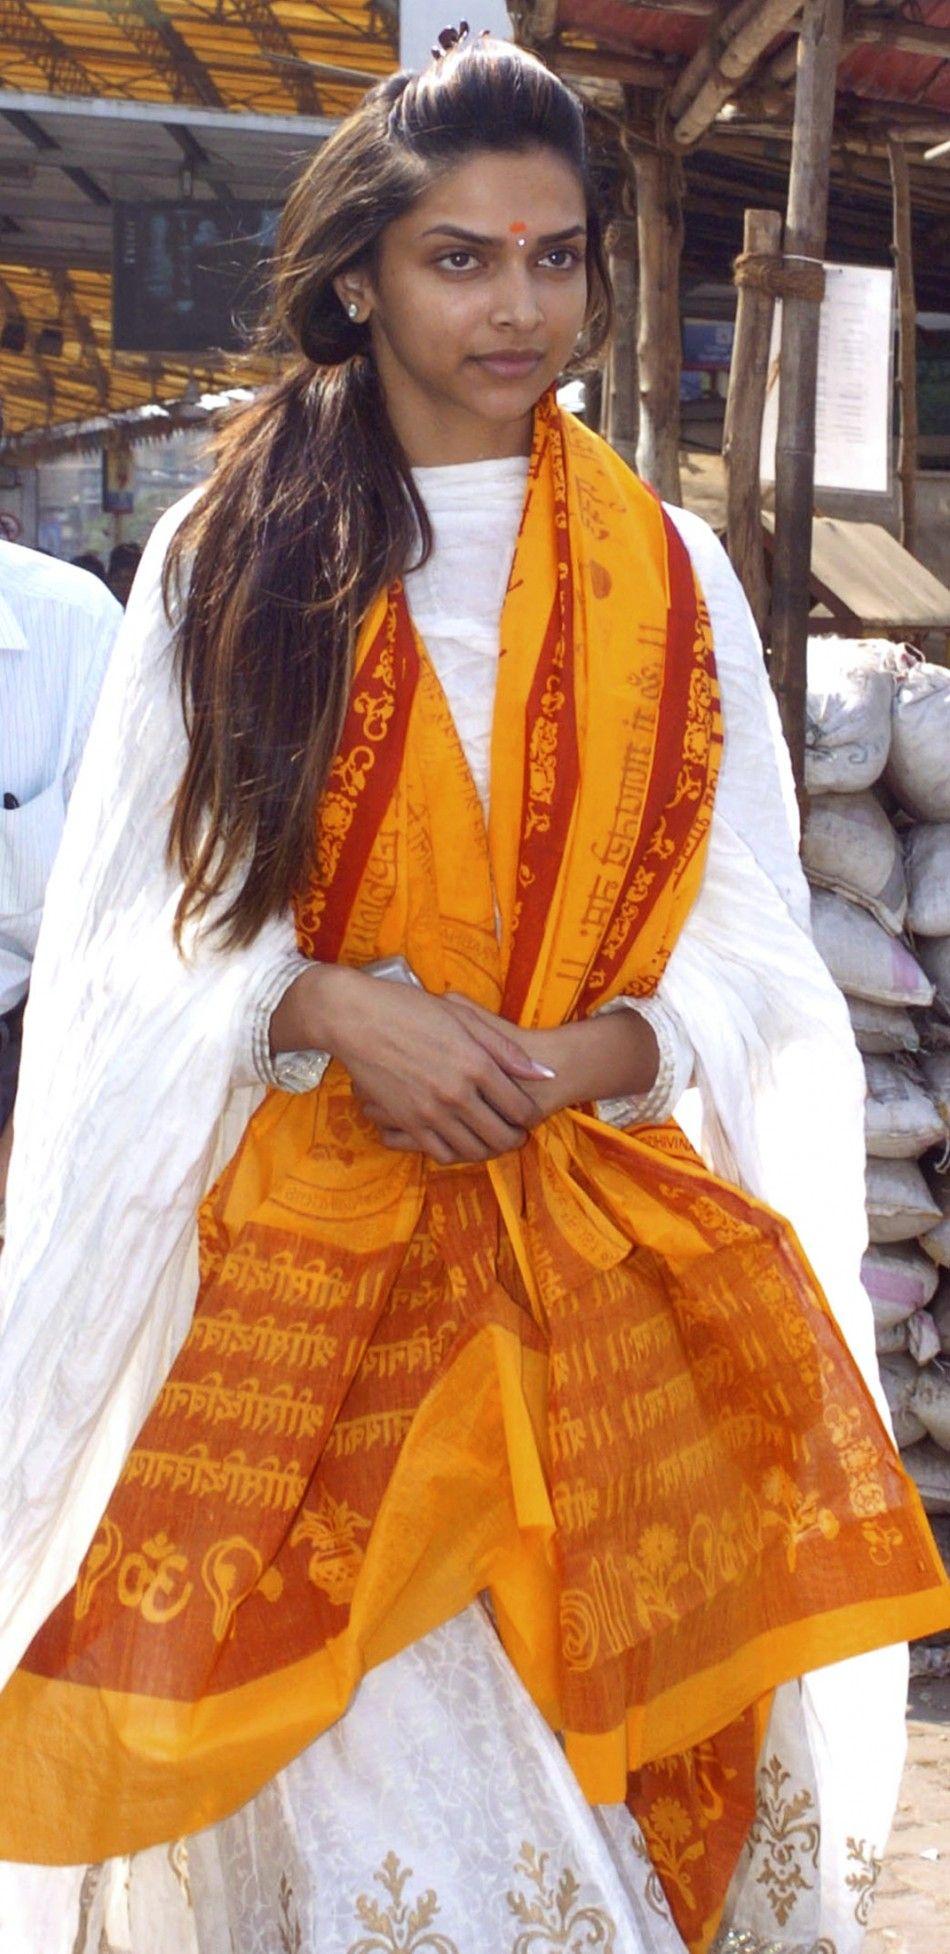 Bollywood Actress Deepika Padukone Without Makeup Bollywood Actress Without Makeup Actress Without Makeup Celebs Without Makeup